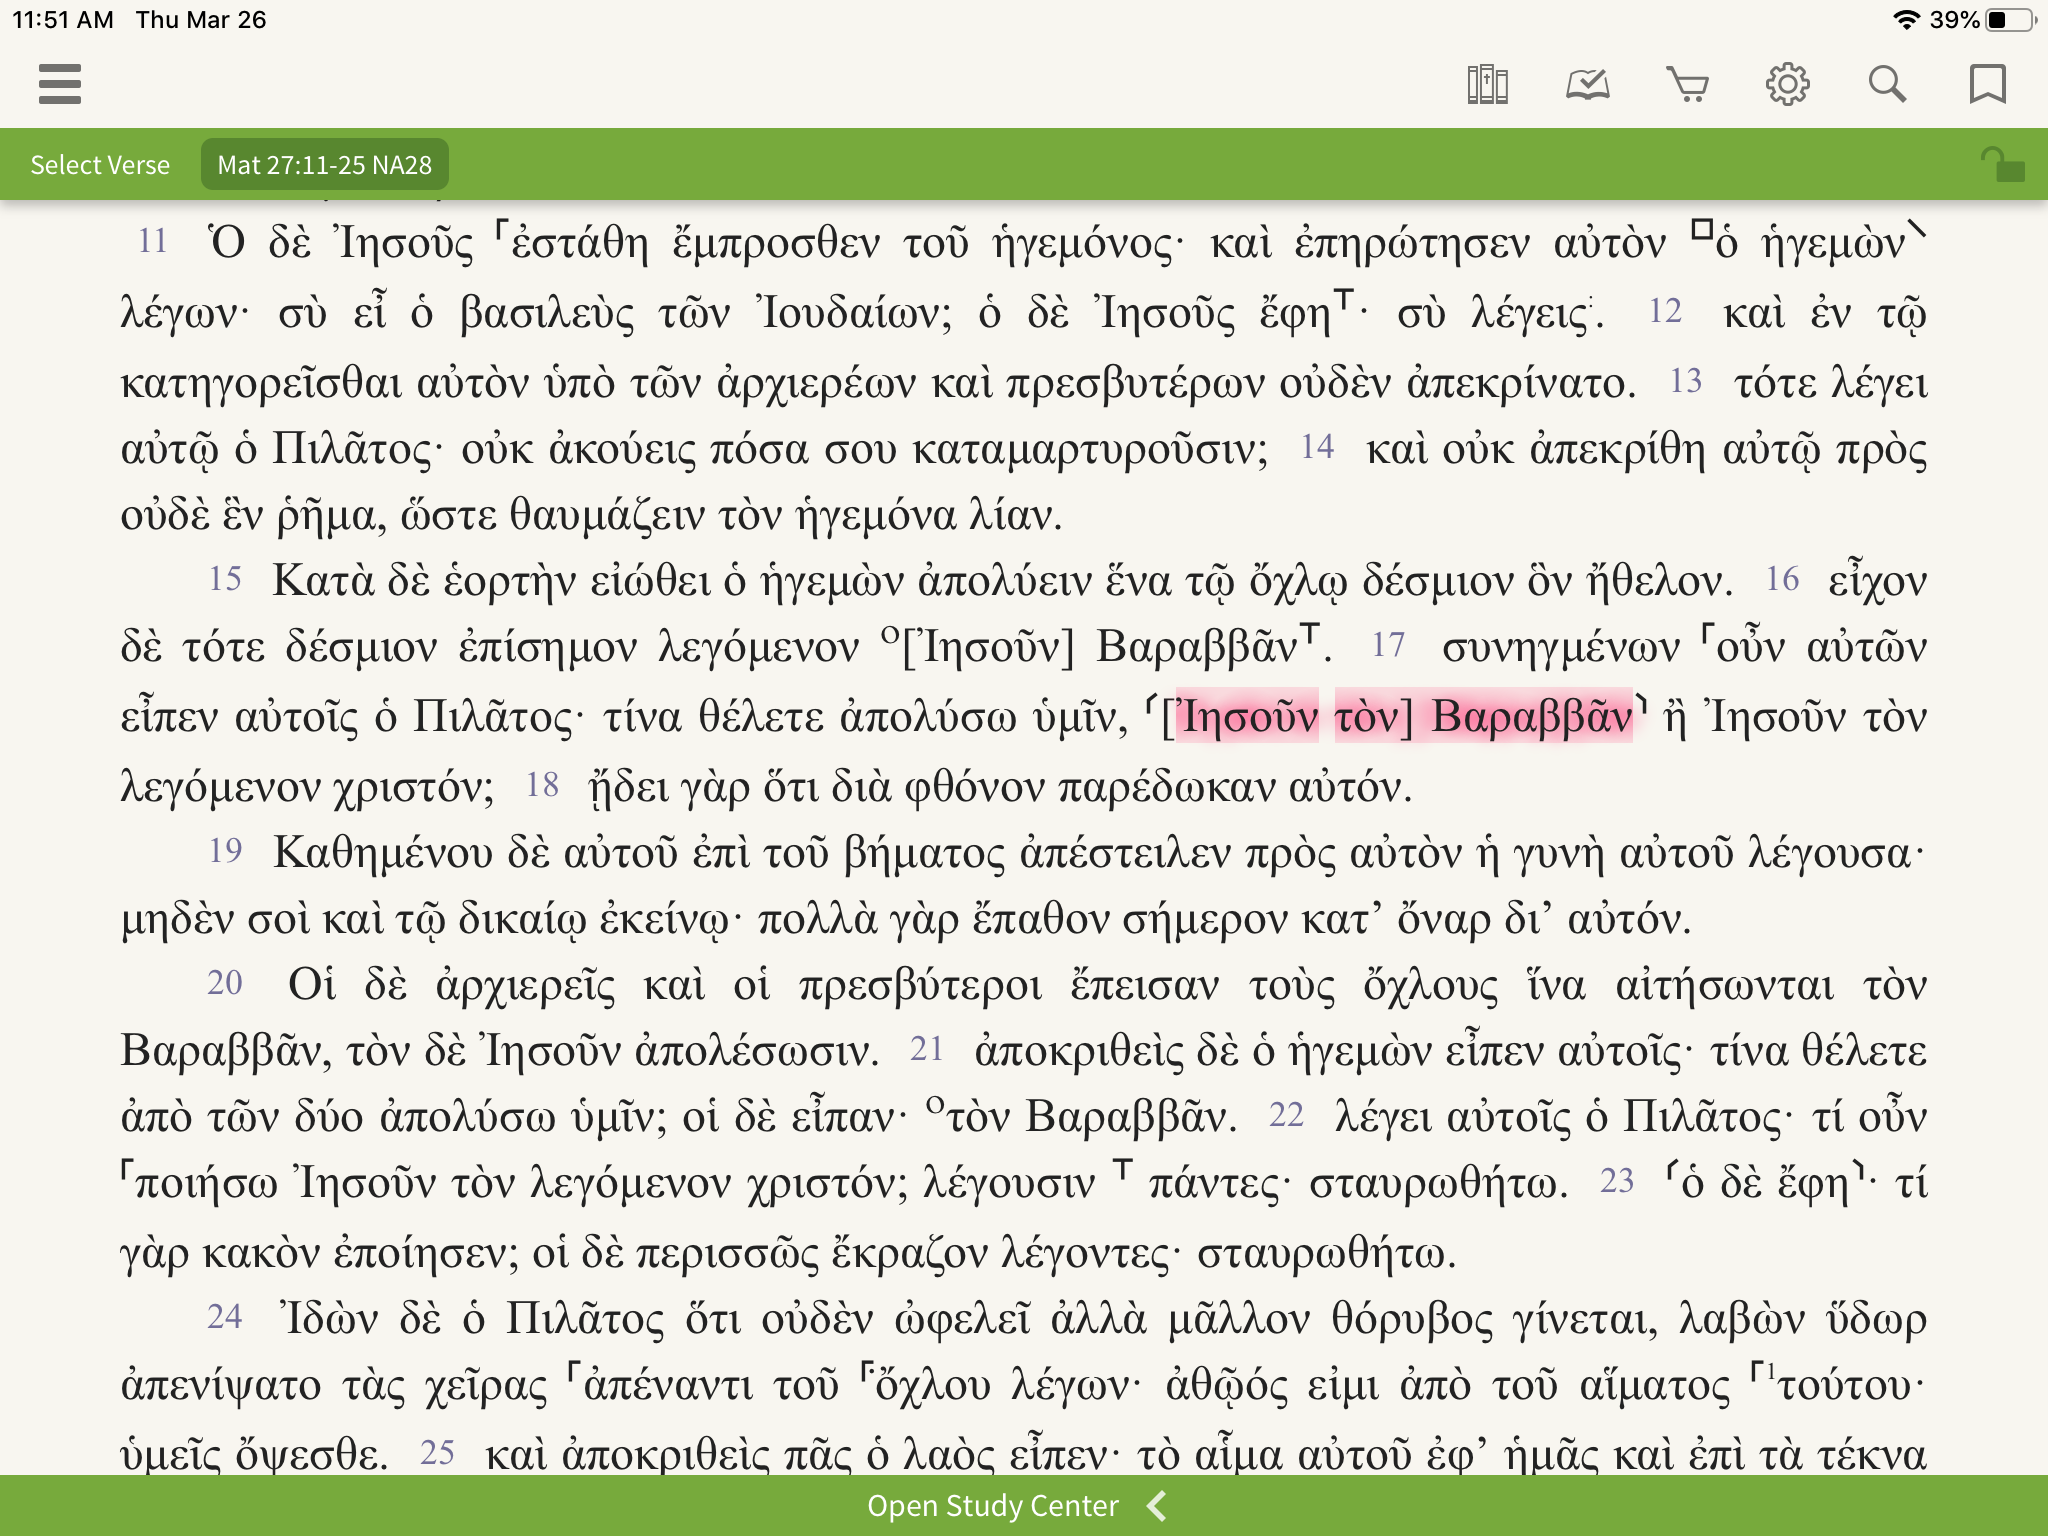 NA28 open to Matthew 27, passage about Barabbas